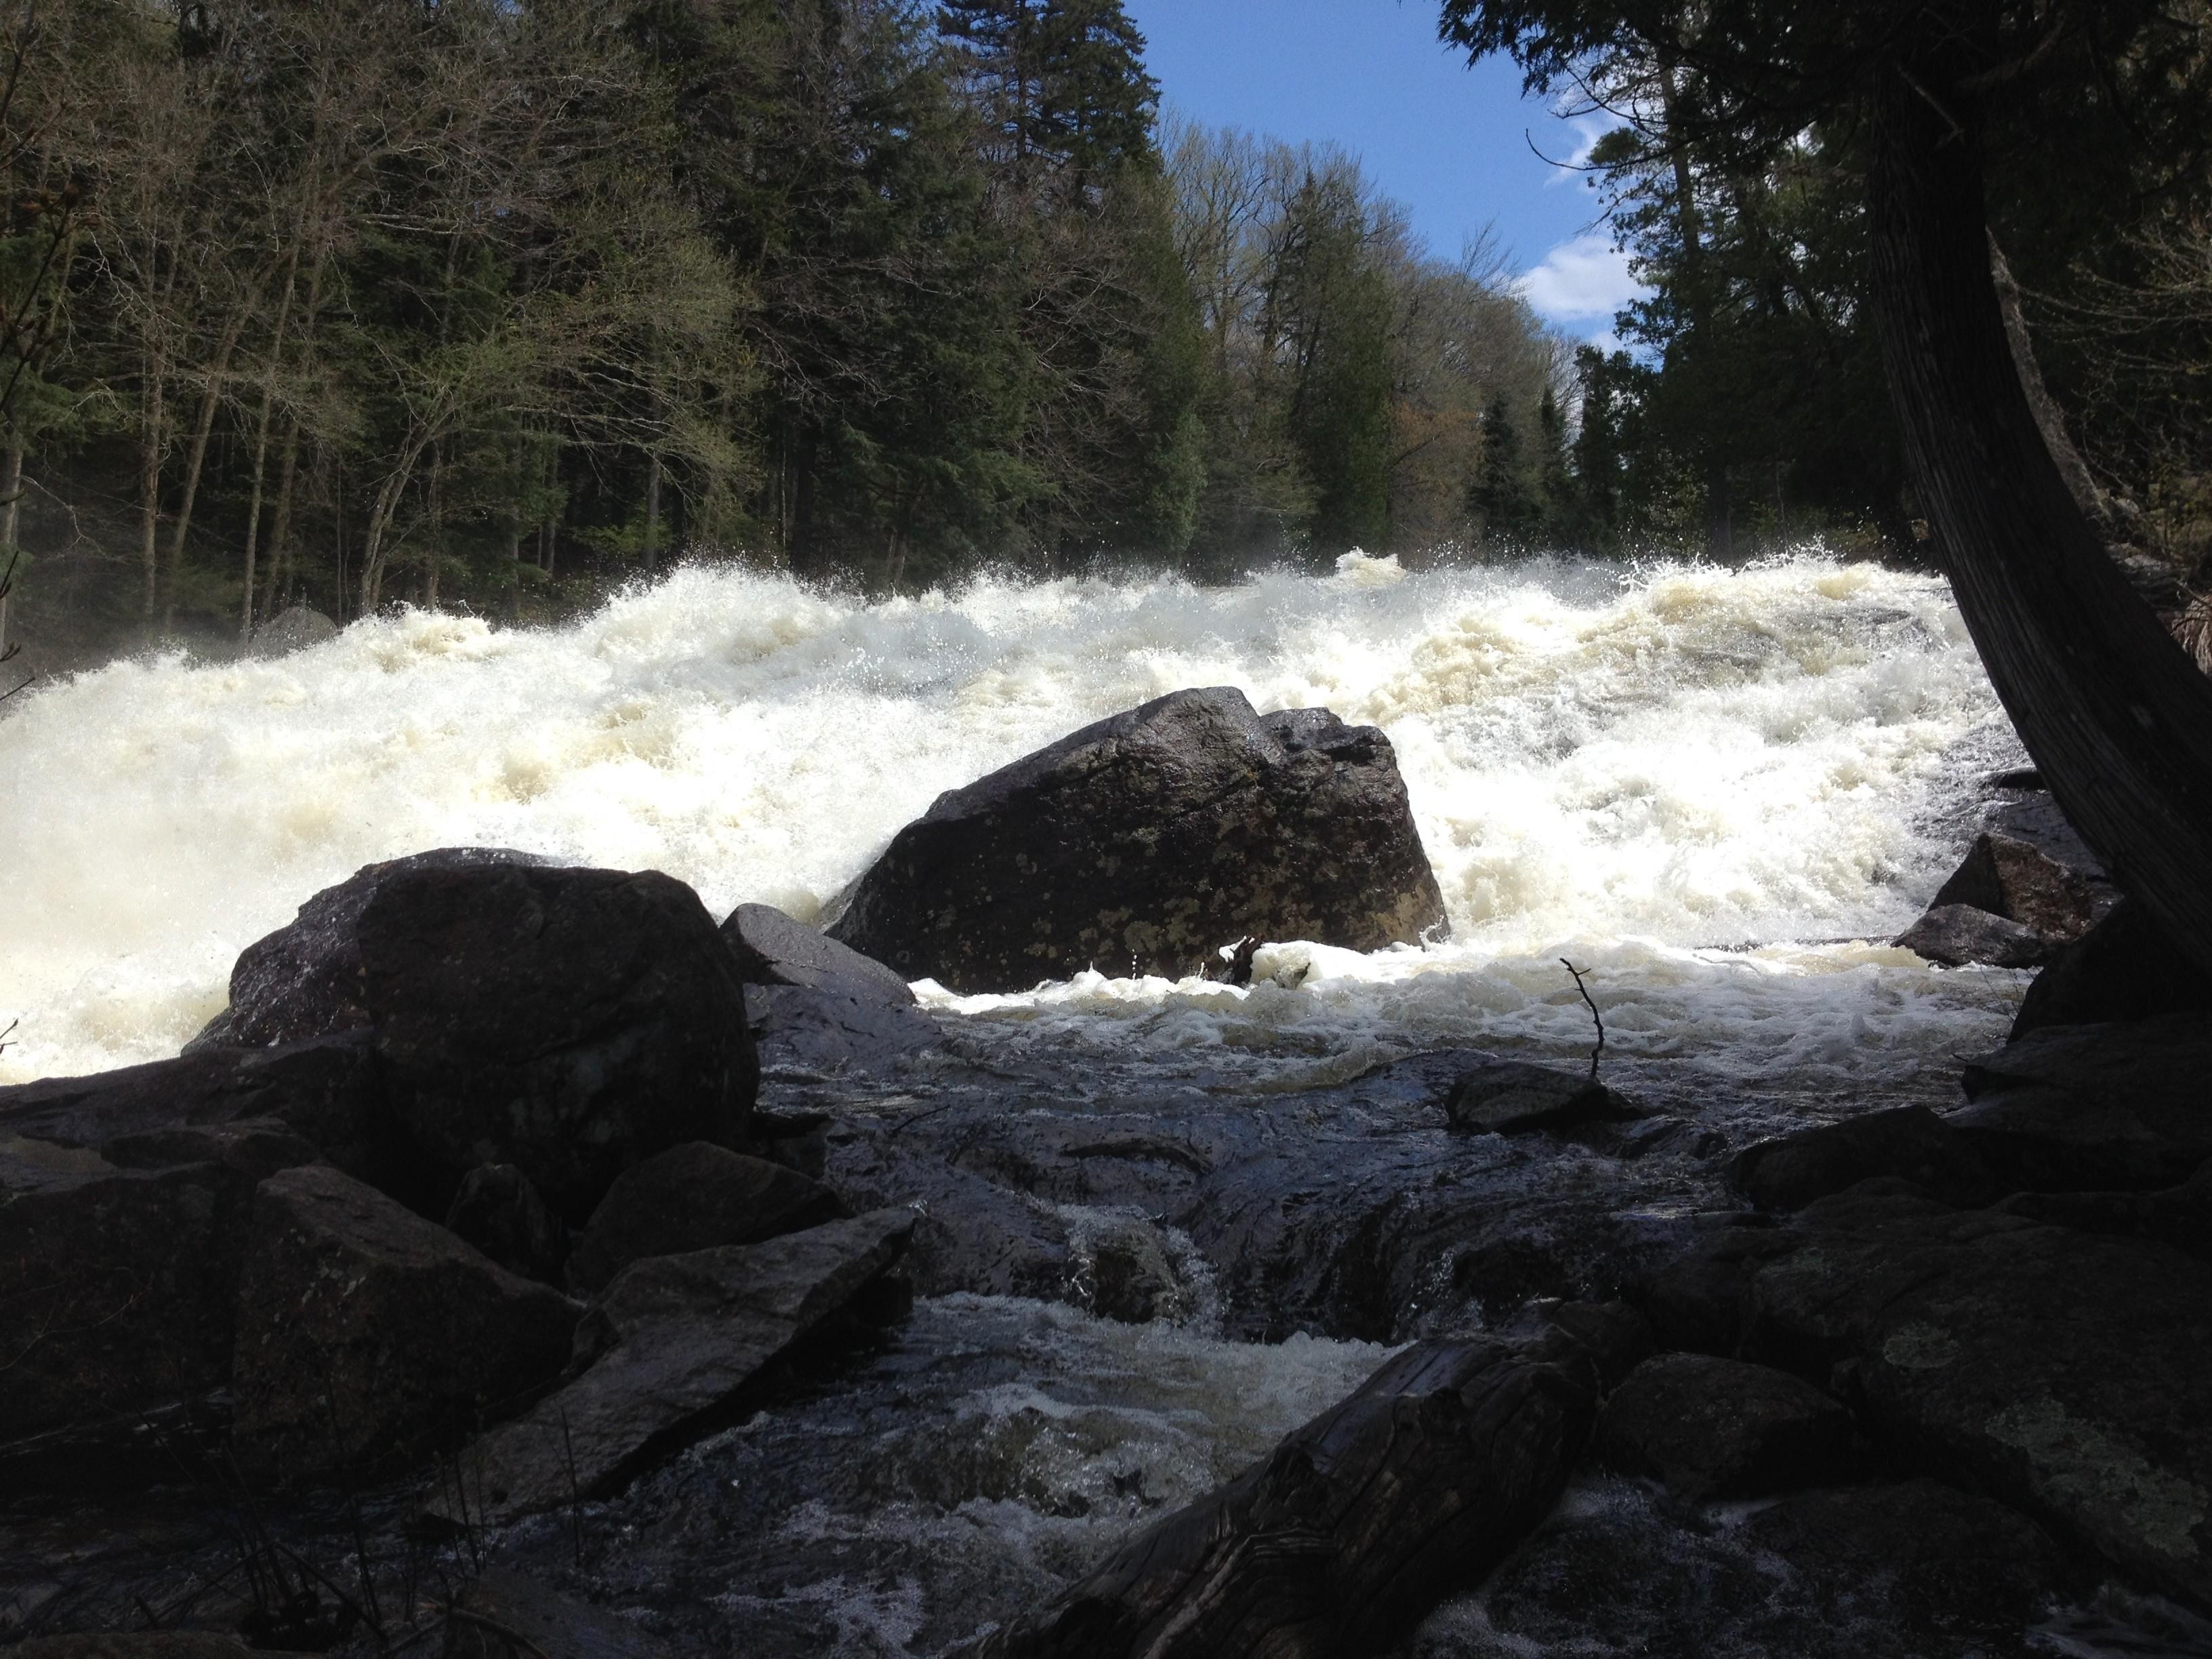 Taken from a rocky perch below the falls